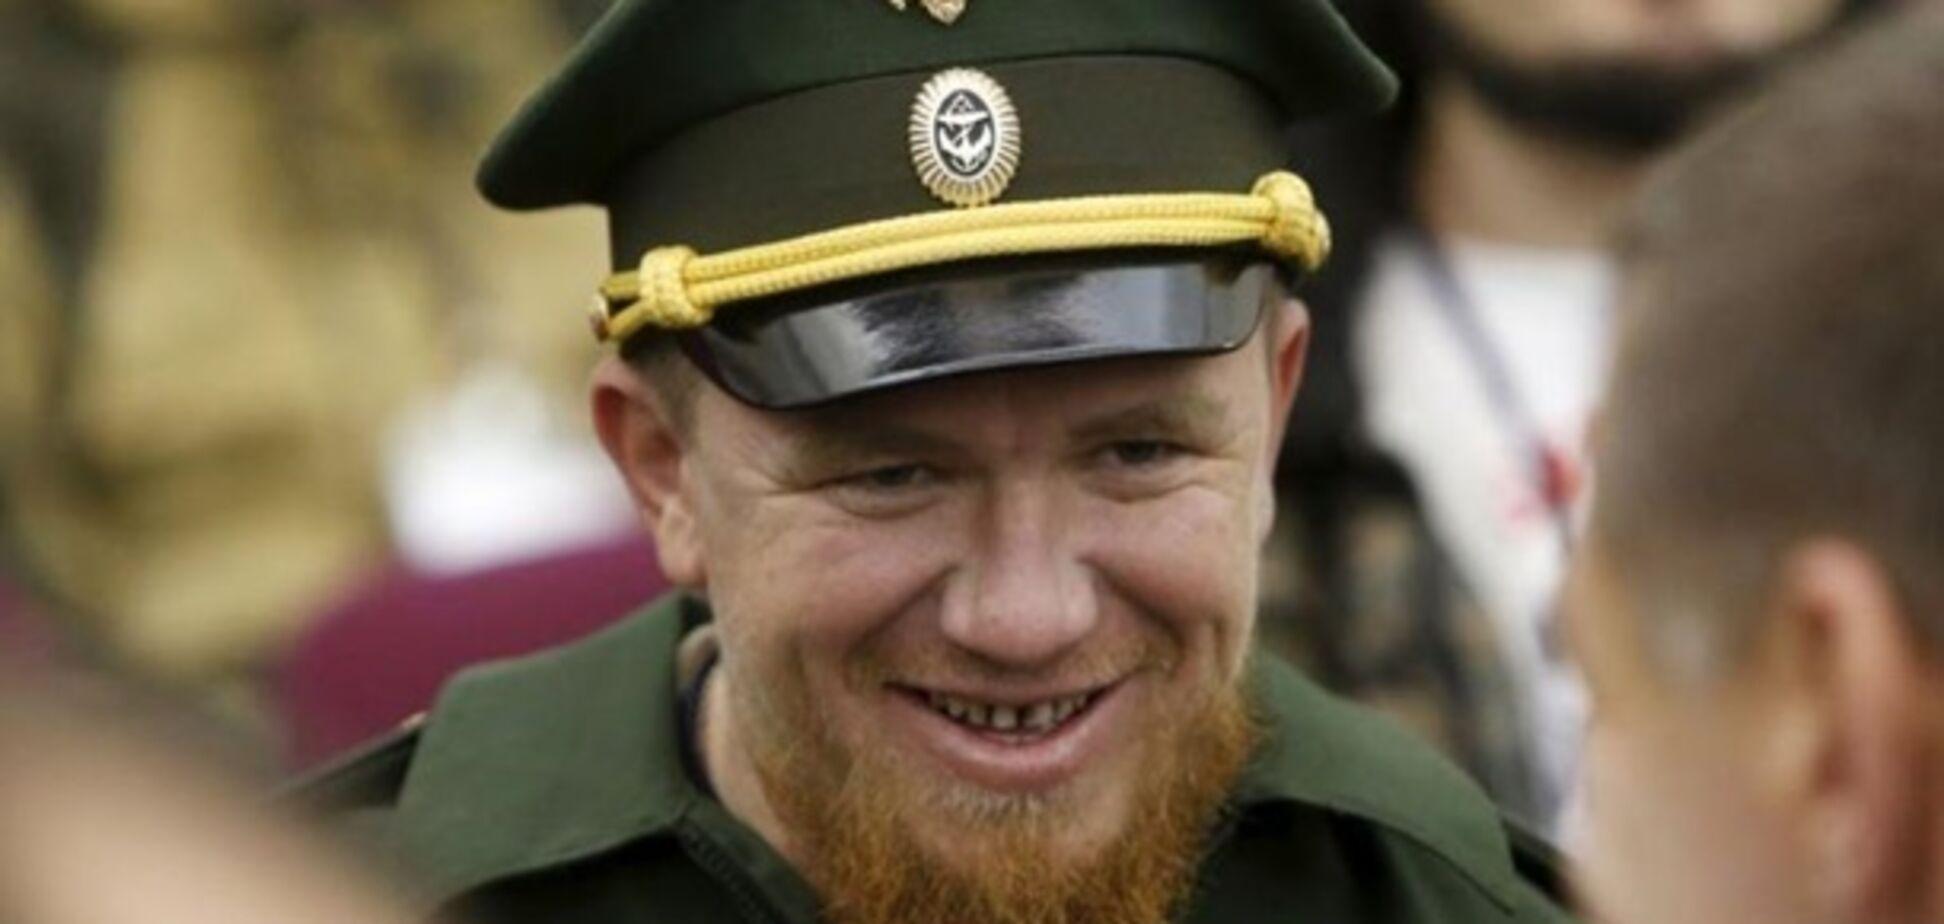 В Донецке появился мурал экс-главаря 'ДНР' Моторолы: в сеть попали фото и видео